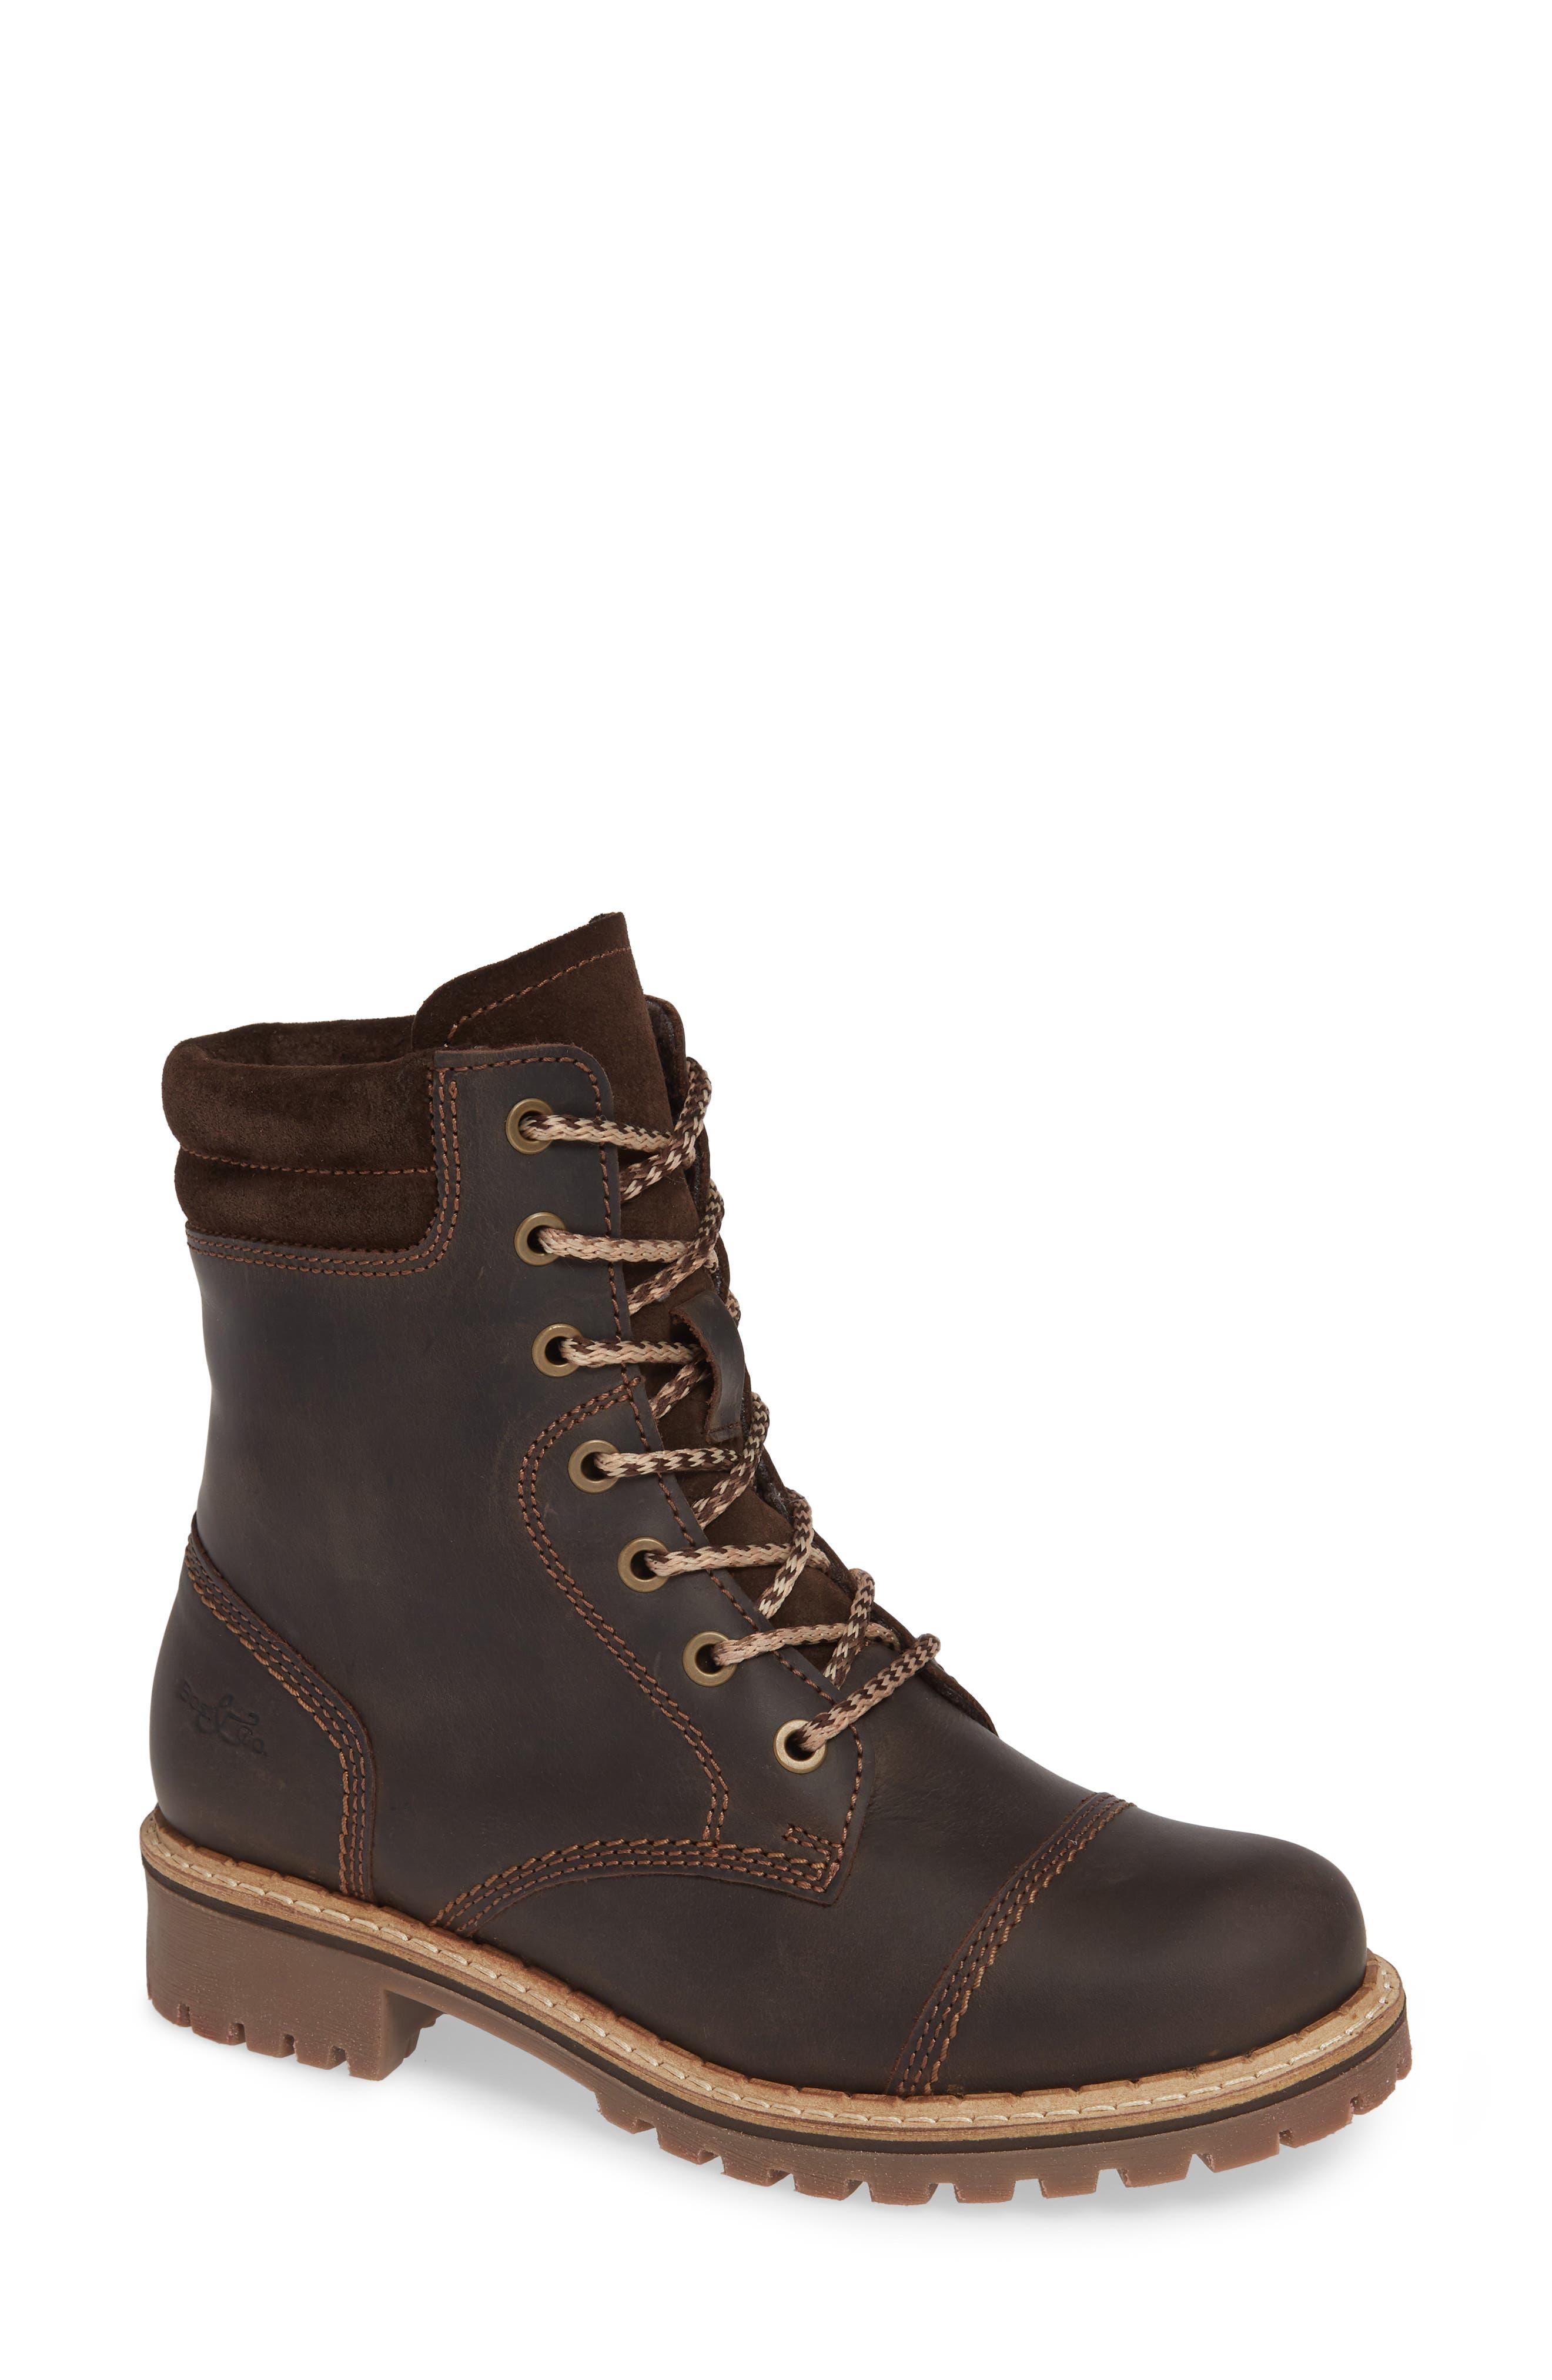 Bos. & Co. Hero Waterproof Hiker Boot, Brown